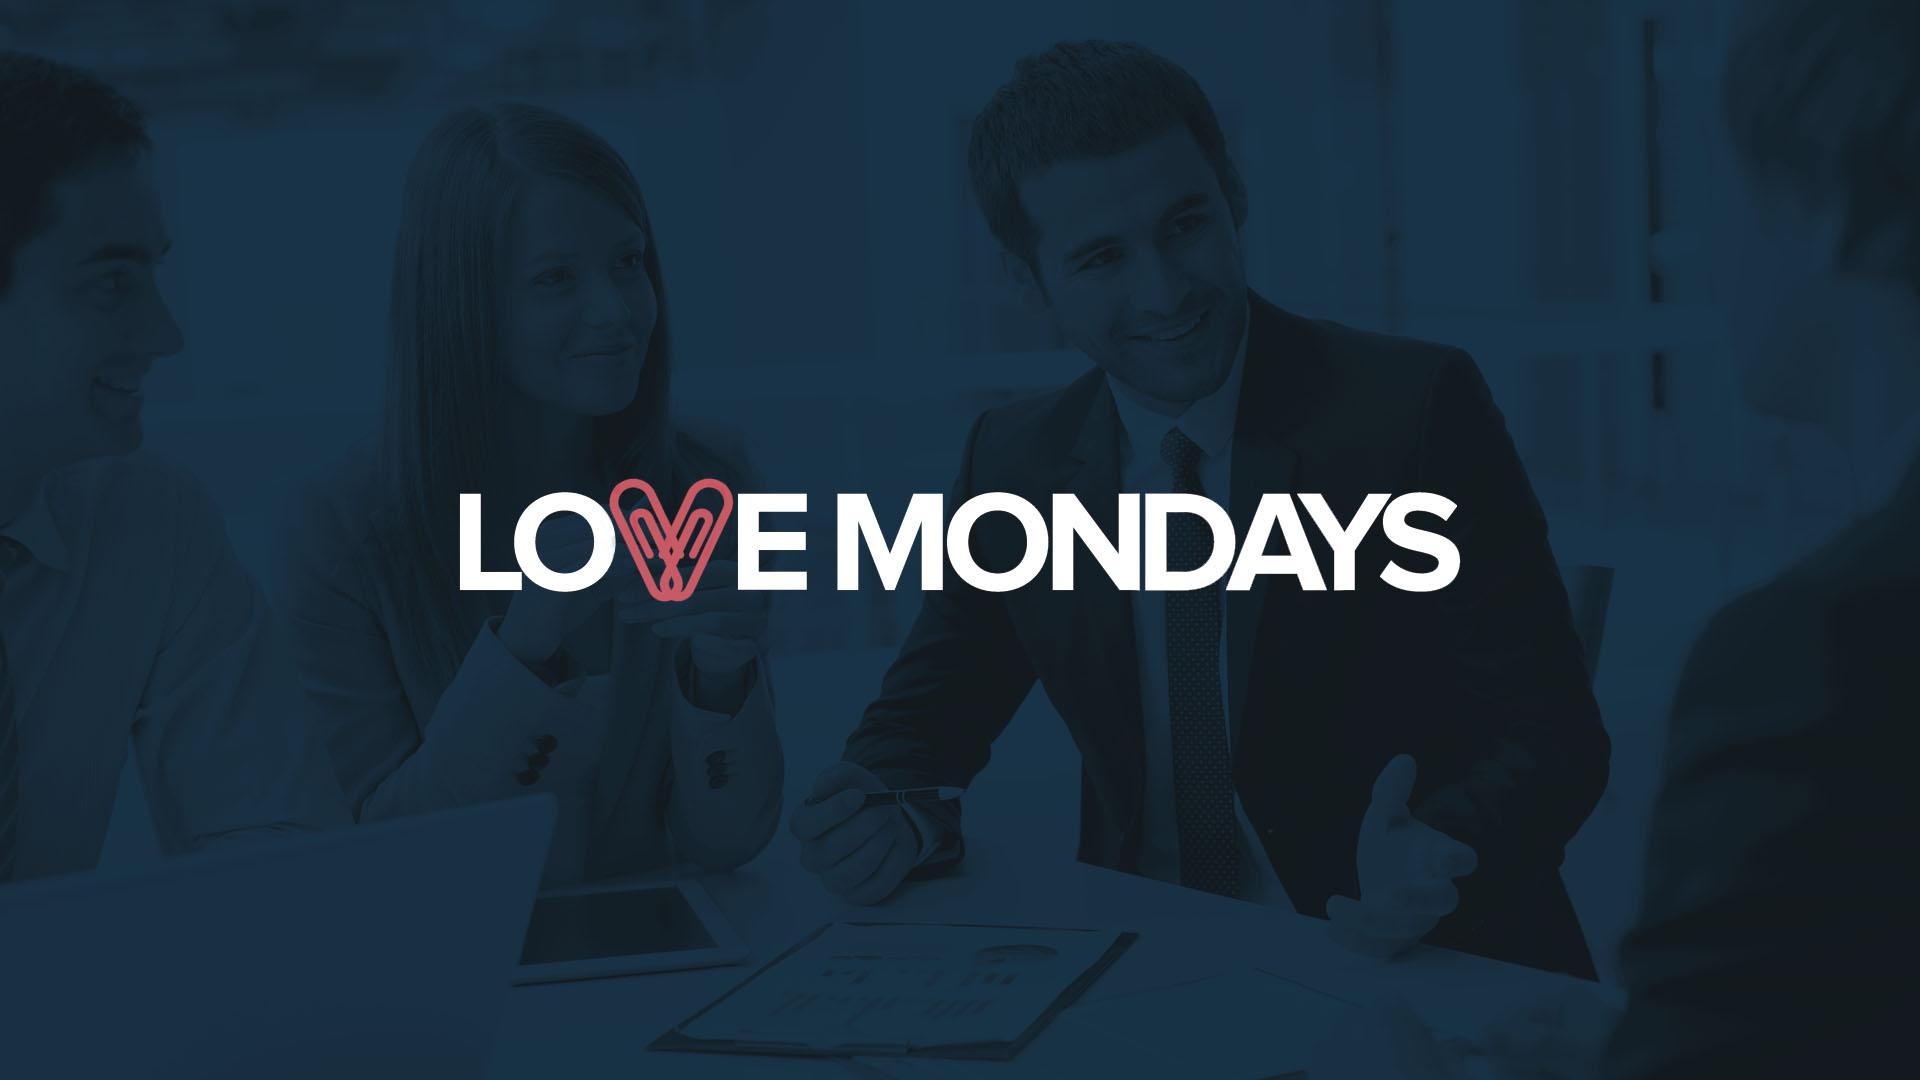 Site brasileiro LoveMondays é comprado por congênere americano